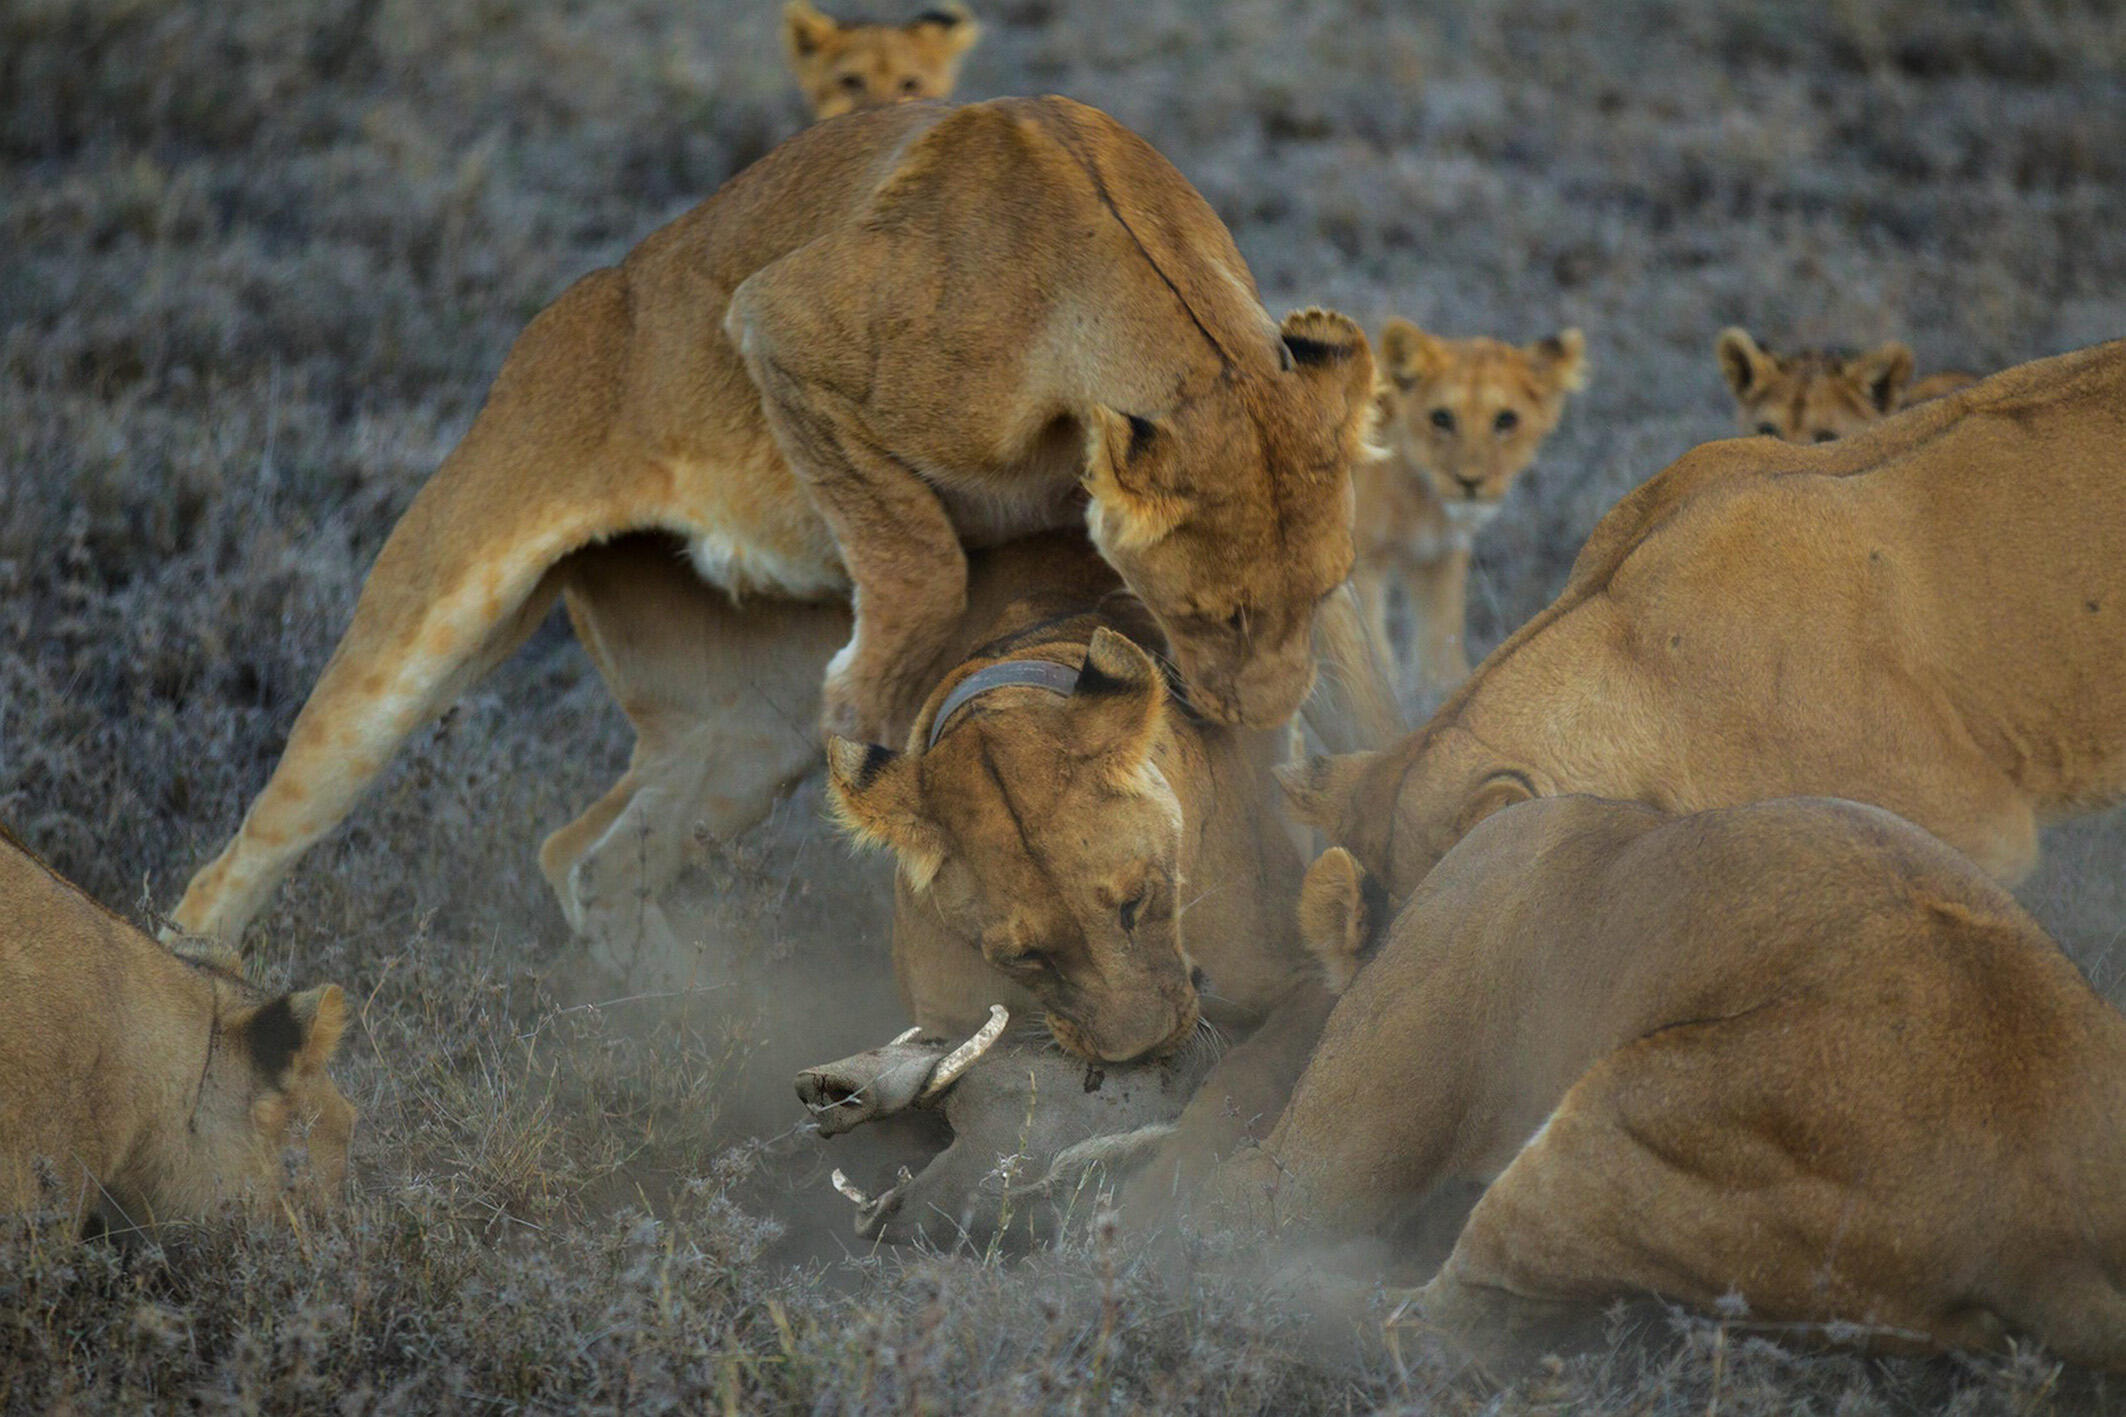 Chasse au phacochère par le groupe Vumbi, mené par une lionne portant un collier. Parc national du Serengeti, Tanzanie, 2011.